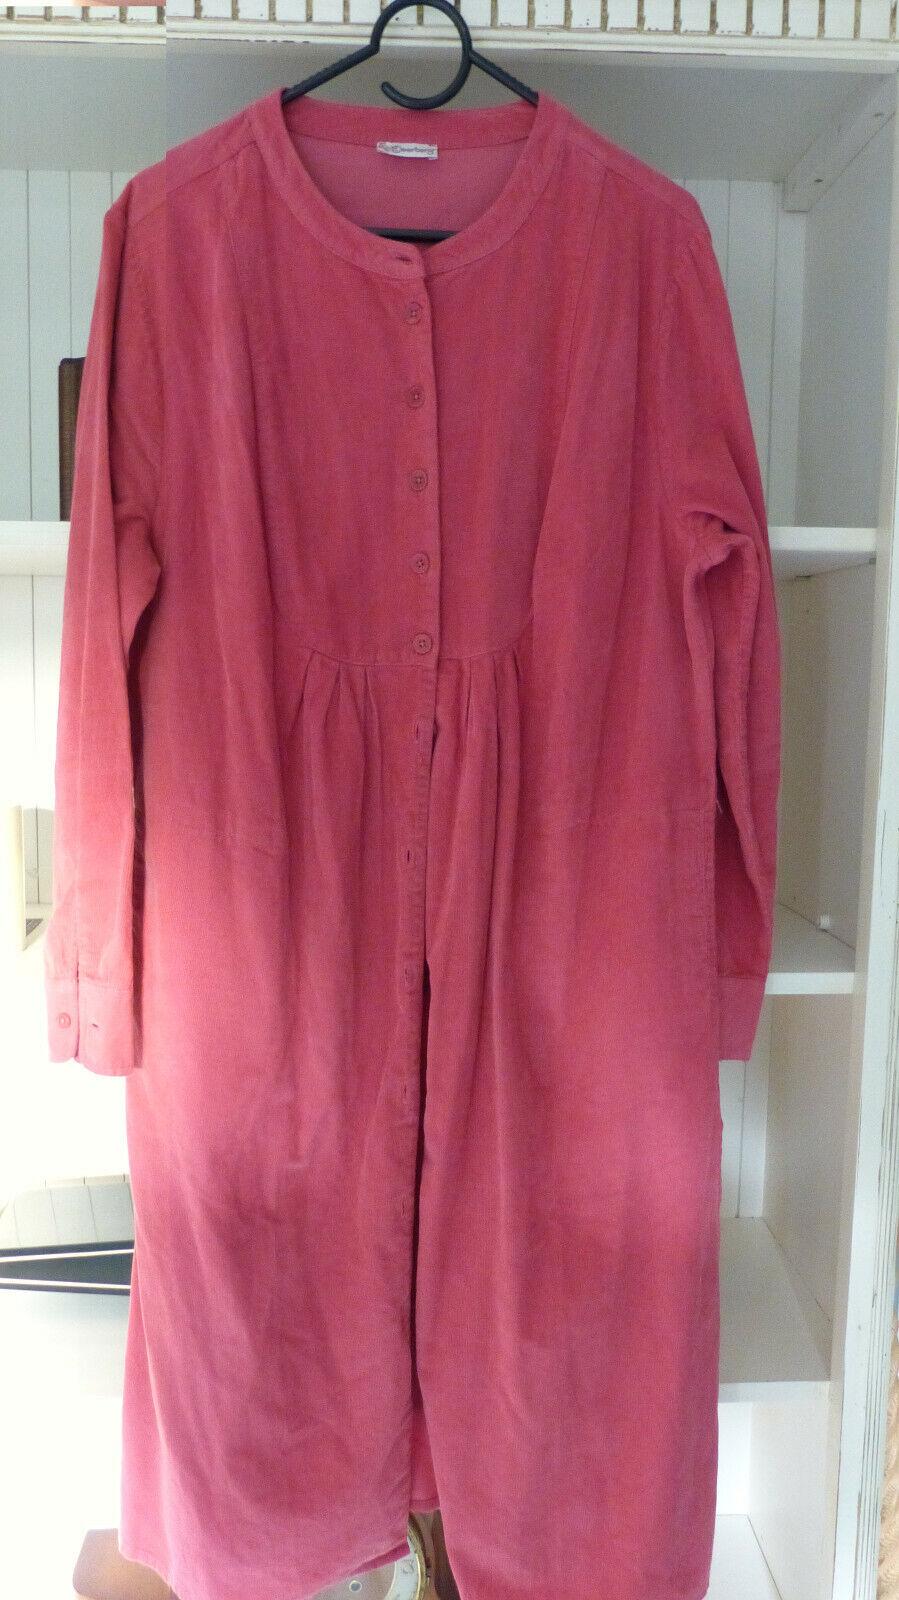 Deerberg Kleid/Mantel - Größe L